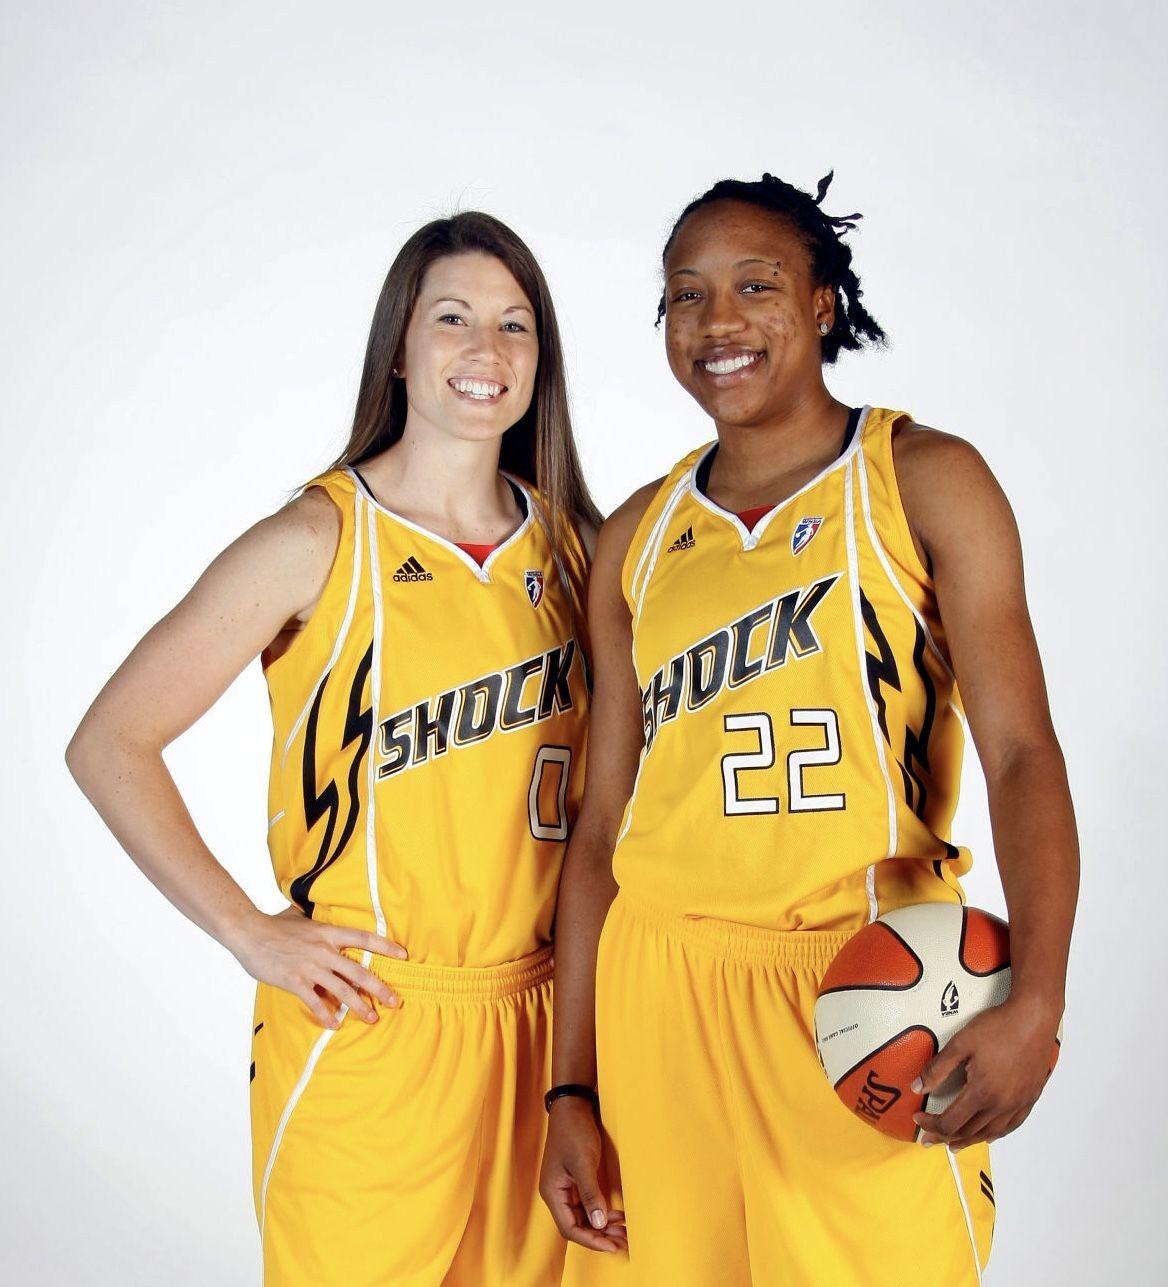 Shanna Crossley 0 and Alexis Hornbuckle 22, Tulsa Shock